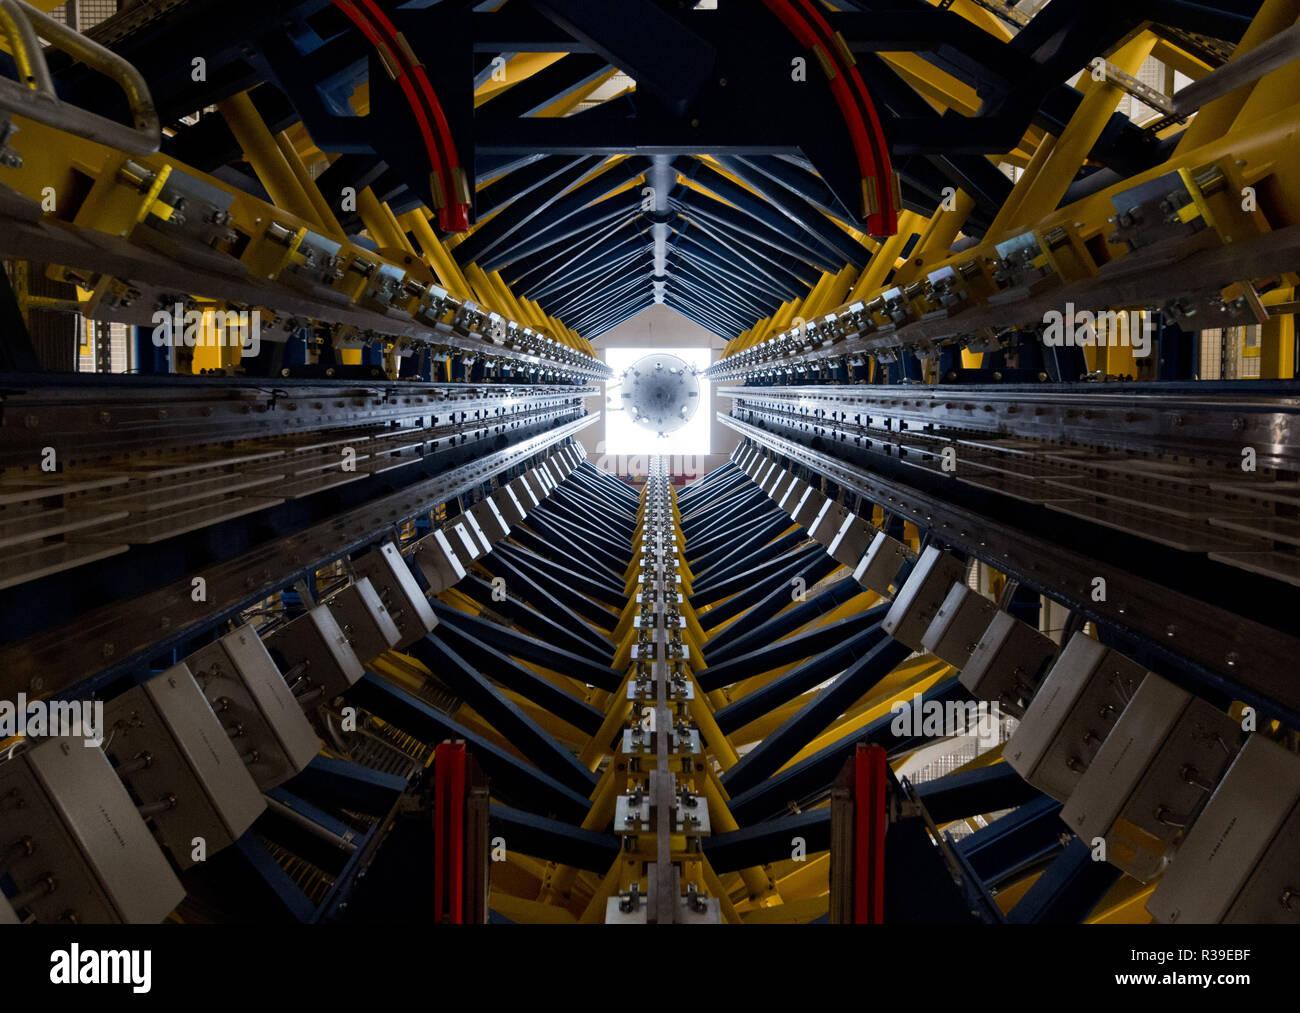 Hannover, Alemania. 22 Nov, 2018. Se ha instalado una nueva góndola en el ascensor de Einstein en el Instituto de Tecnología de Hannover (HITec) de Leibniz Universität Hannover. En la torre de caída de 40 metros de altura, se pueden llevar a cabo experimentos en la Tierra, en condiciones de ingravidez. Para los experimentos, una góndola es disparado hacia arriba en la torre y cayó de manera controlada. Durante el vuelo, la prueba de la cápsula se disuelve en el interior de la góndola y alcanza un estado de ingravidez durante unos cuatro segundos. Crédito: Julian Stratenschulte/dpa/Alamy Live News Imagen De Stock